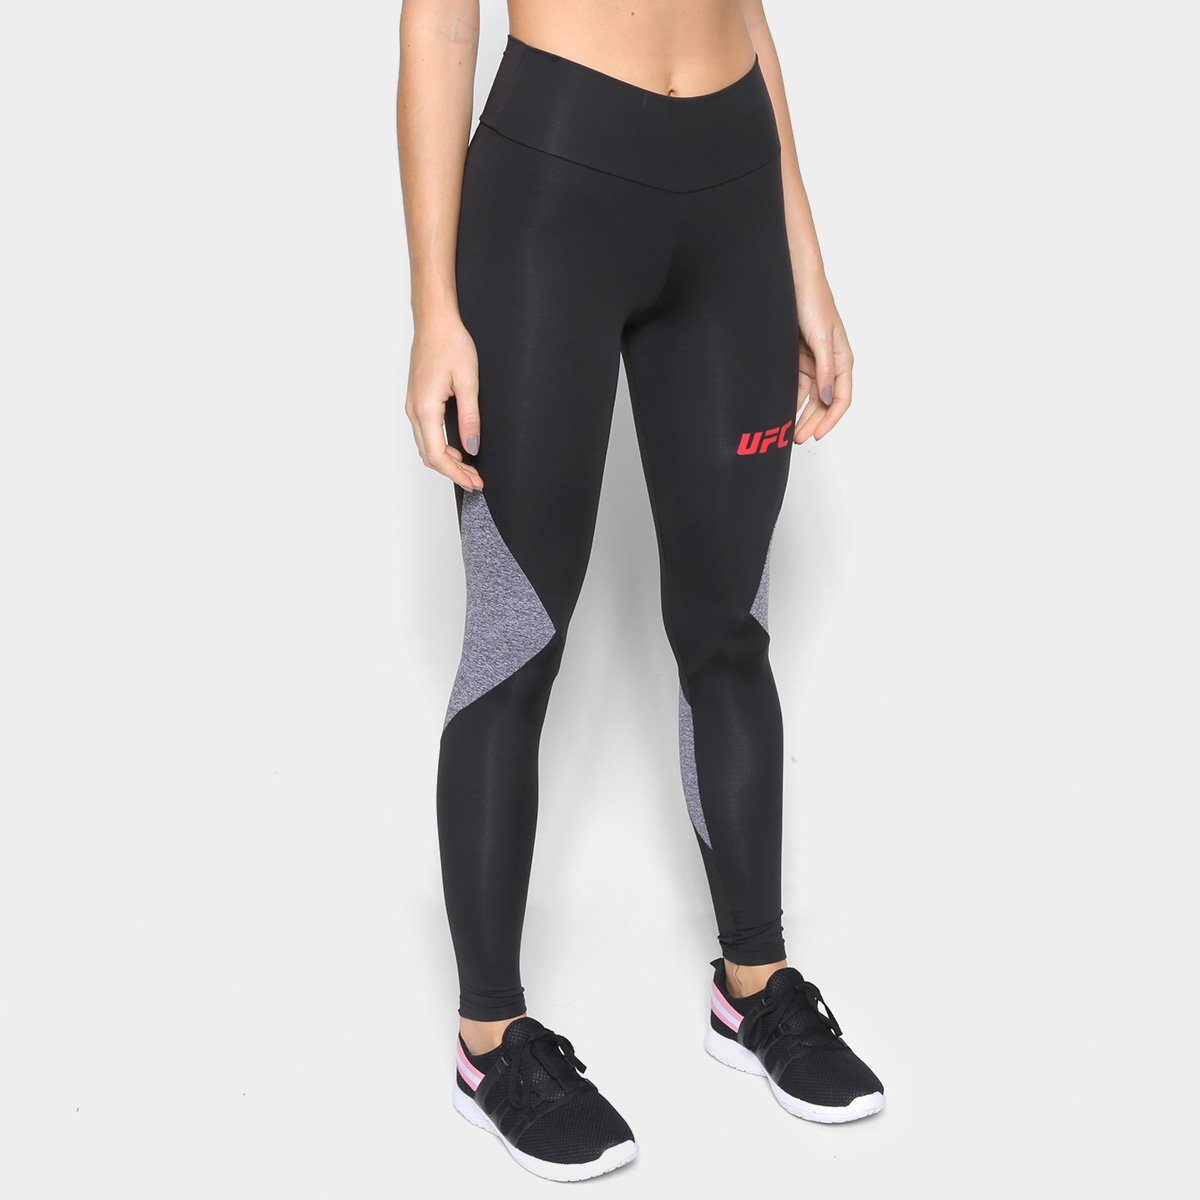 Calça Legging UFC Essential Feminina